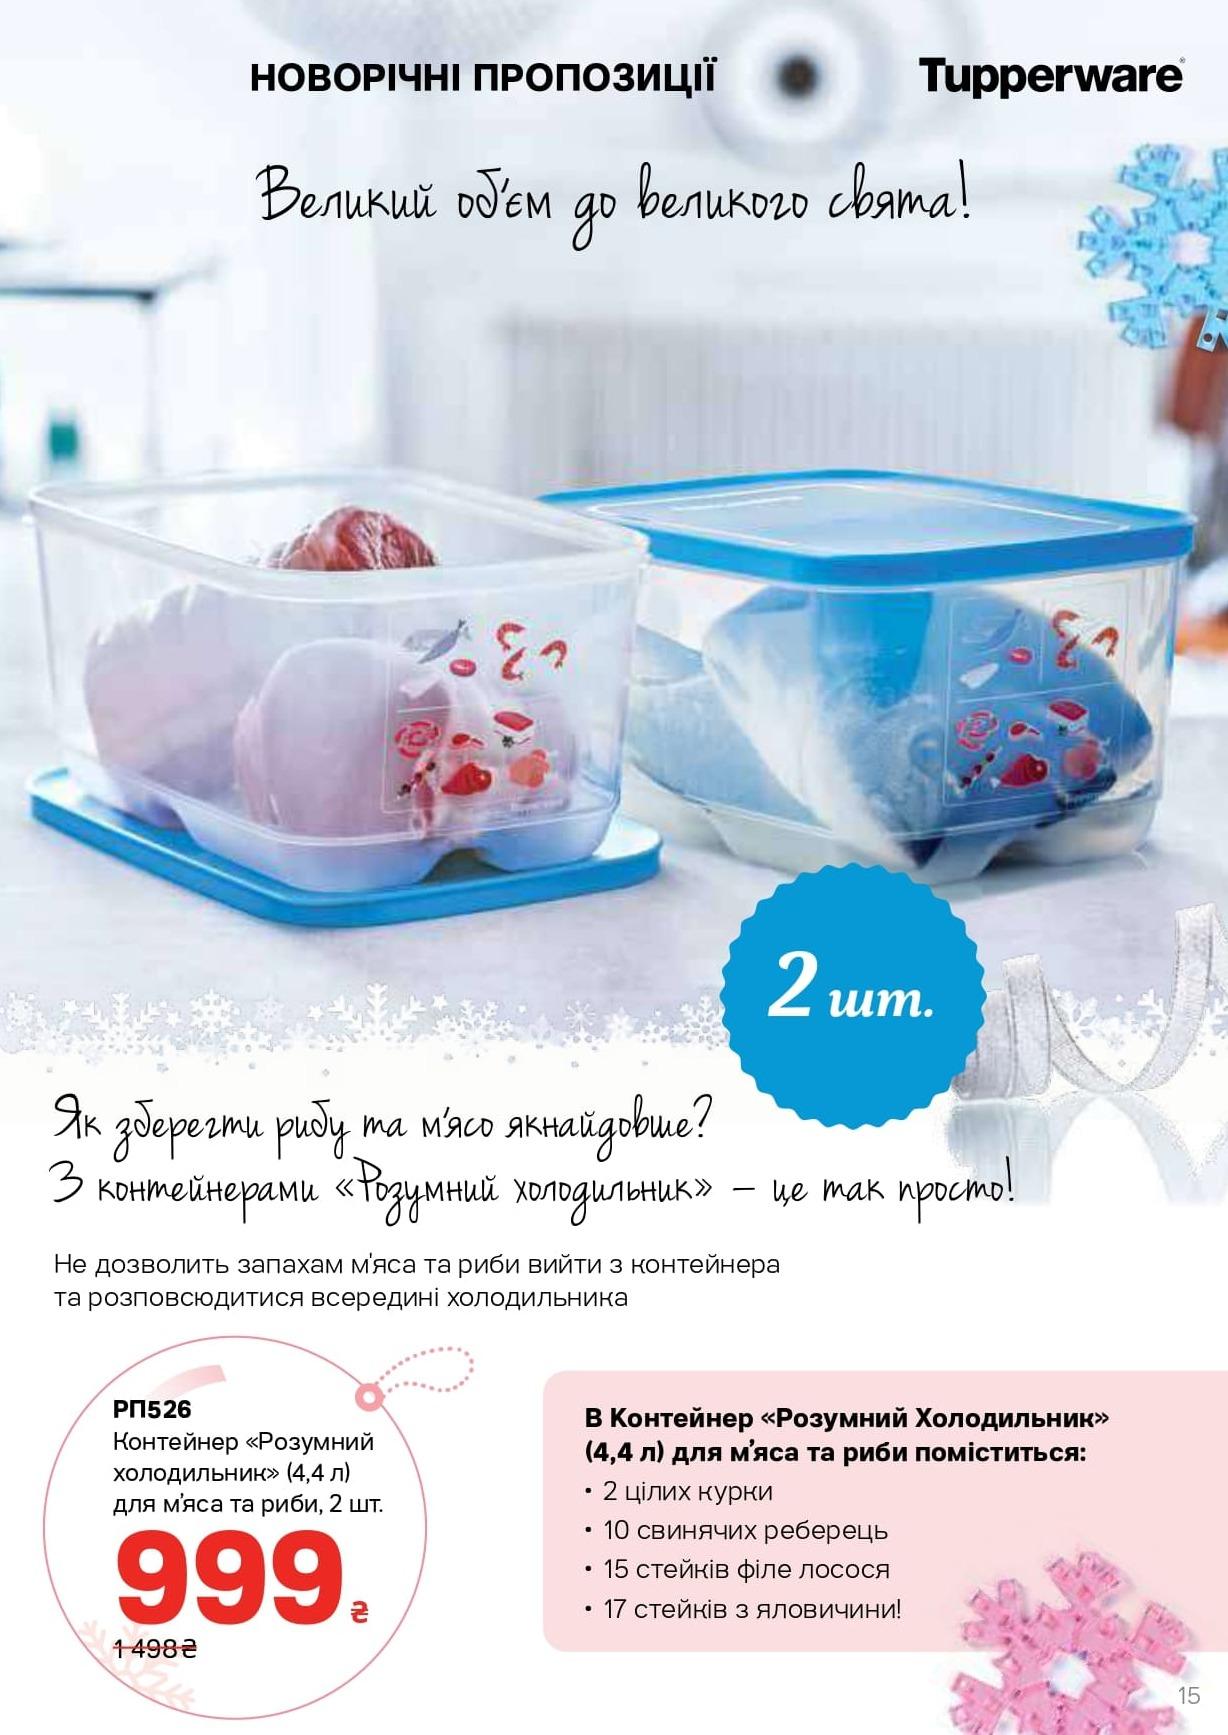 Контейнер умный холодильник tupperware 4,4 литра для мяса и рыбы, скидка 33%.